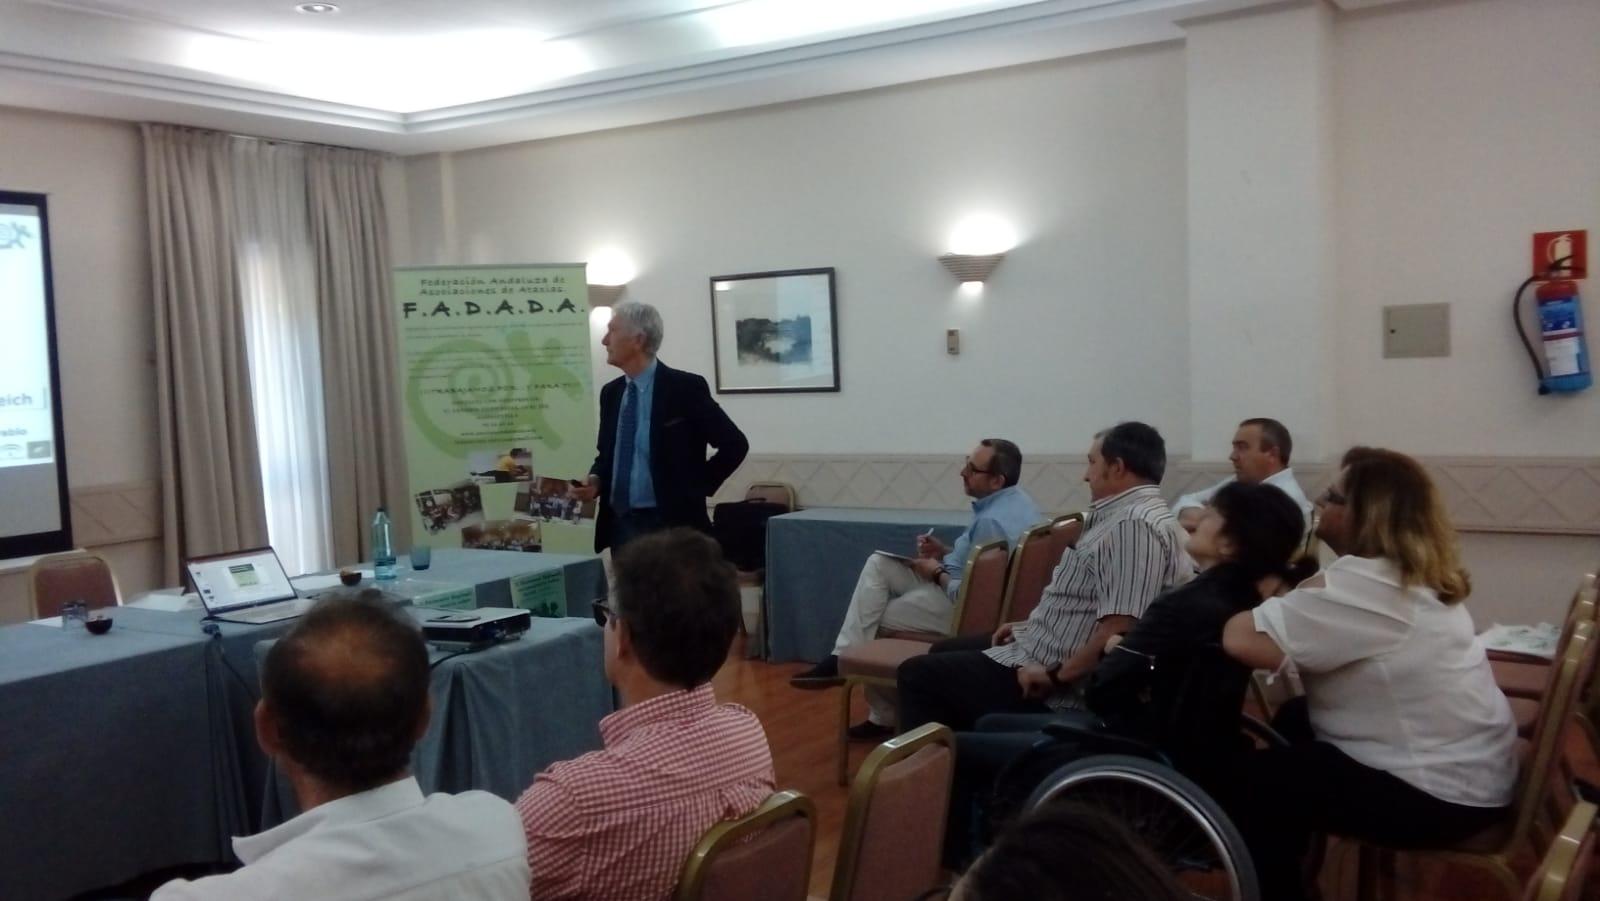 II Encuentro Ataxia Sevilla - 11 de mayo de 2019